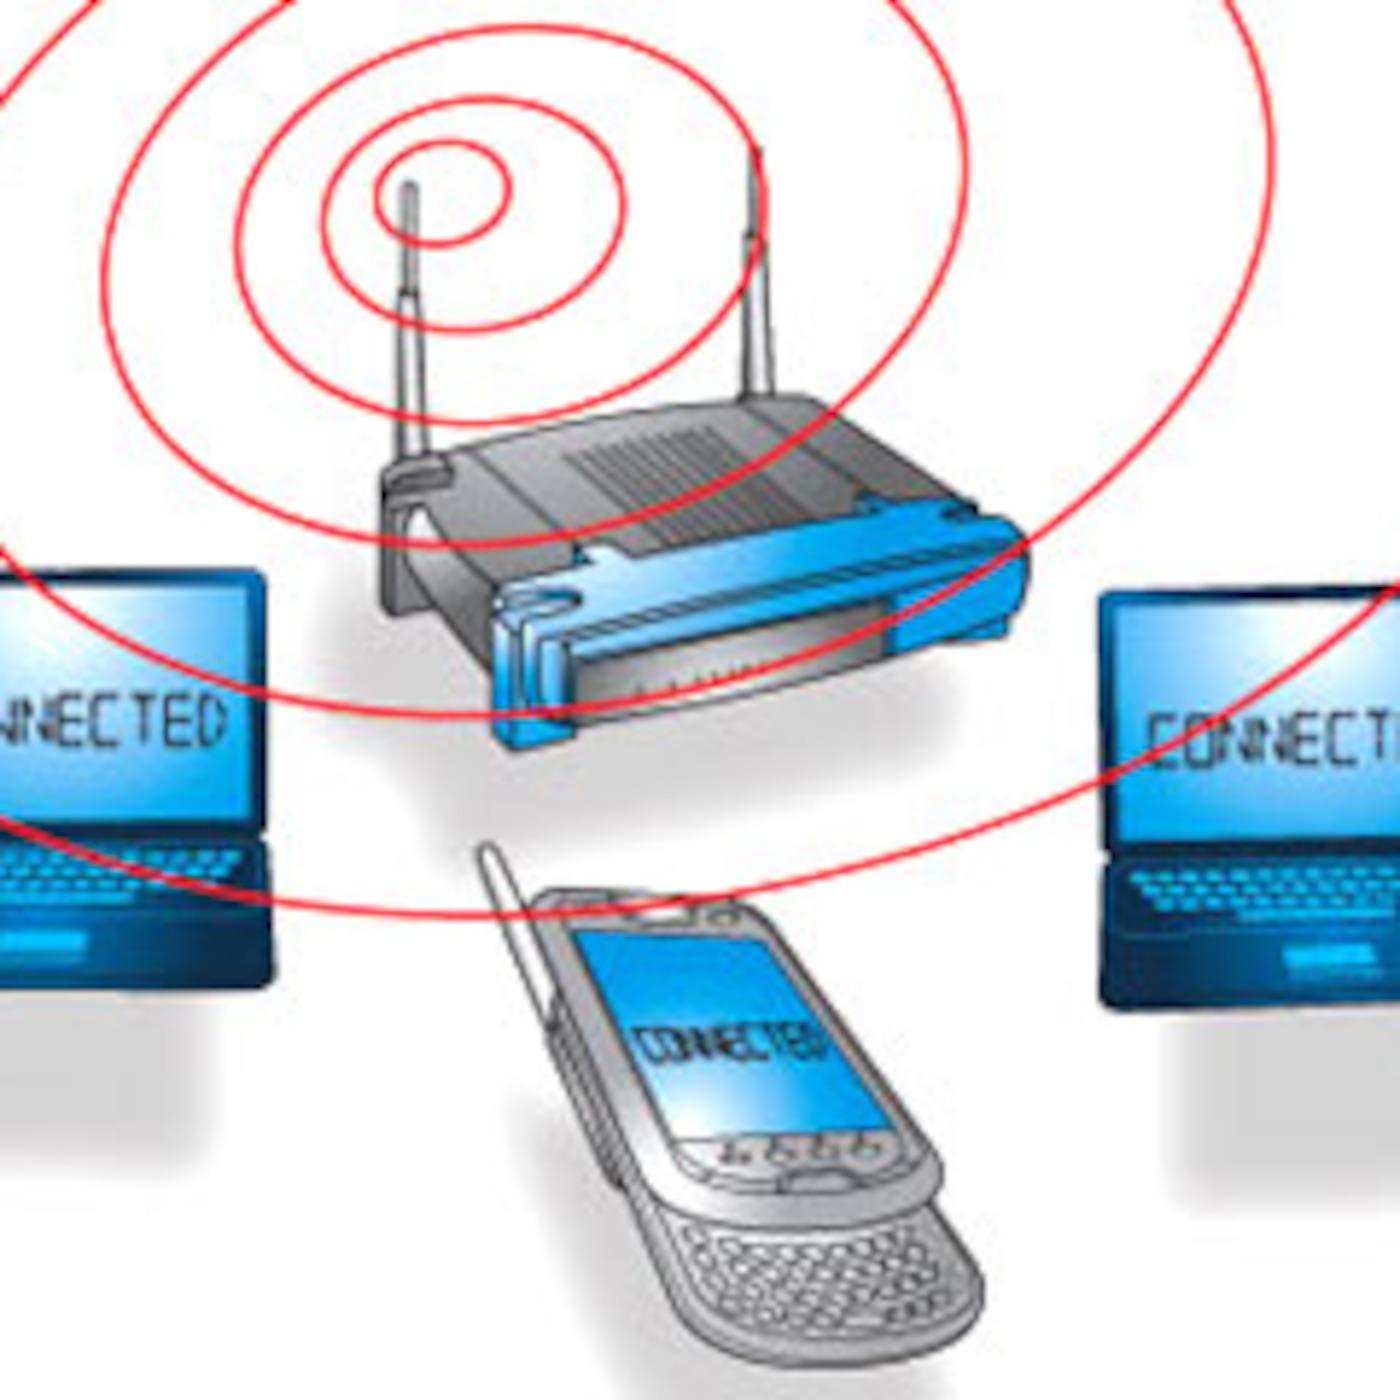 How To Get Past School Wifi Block